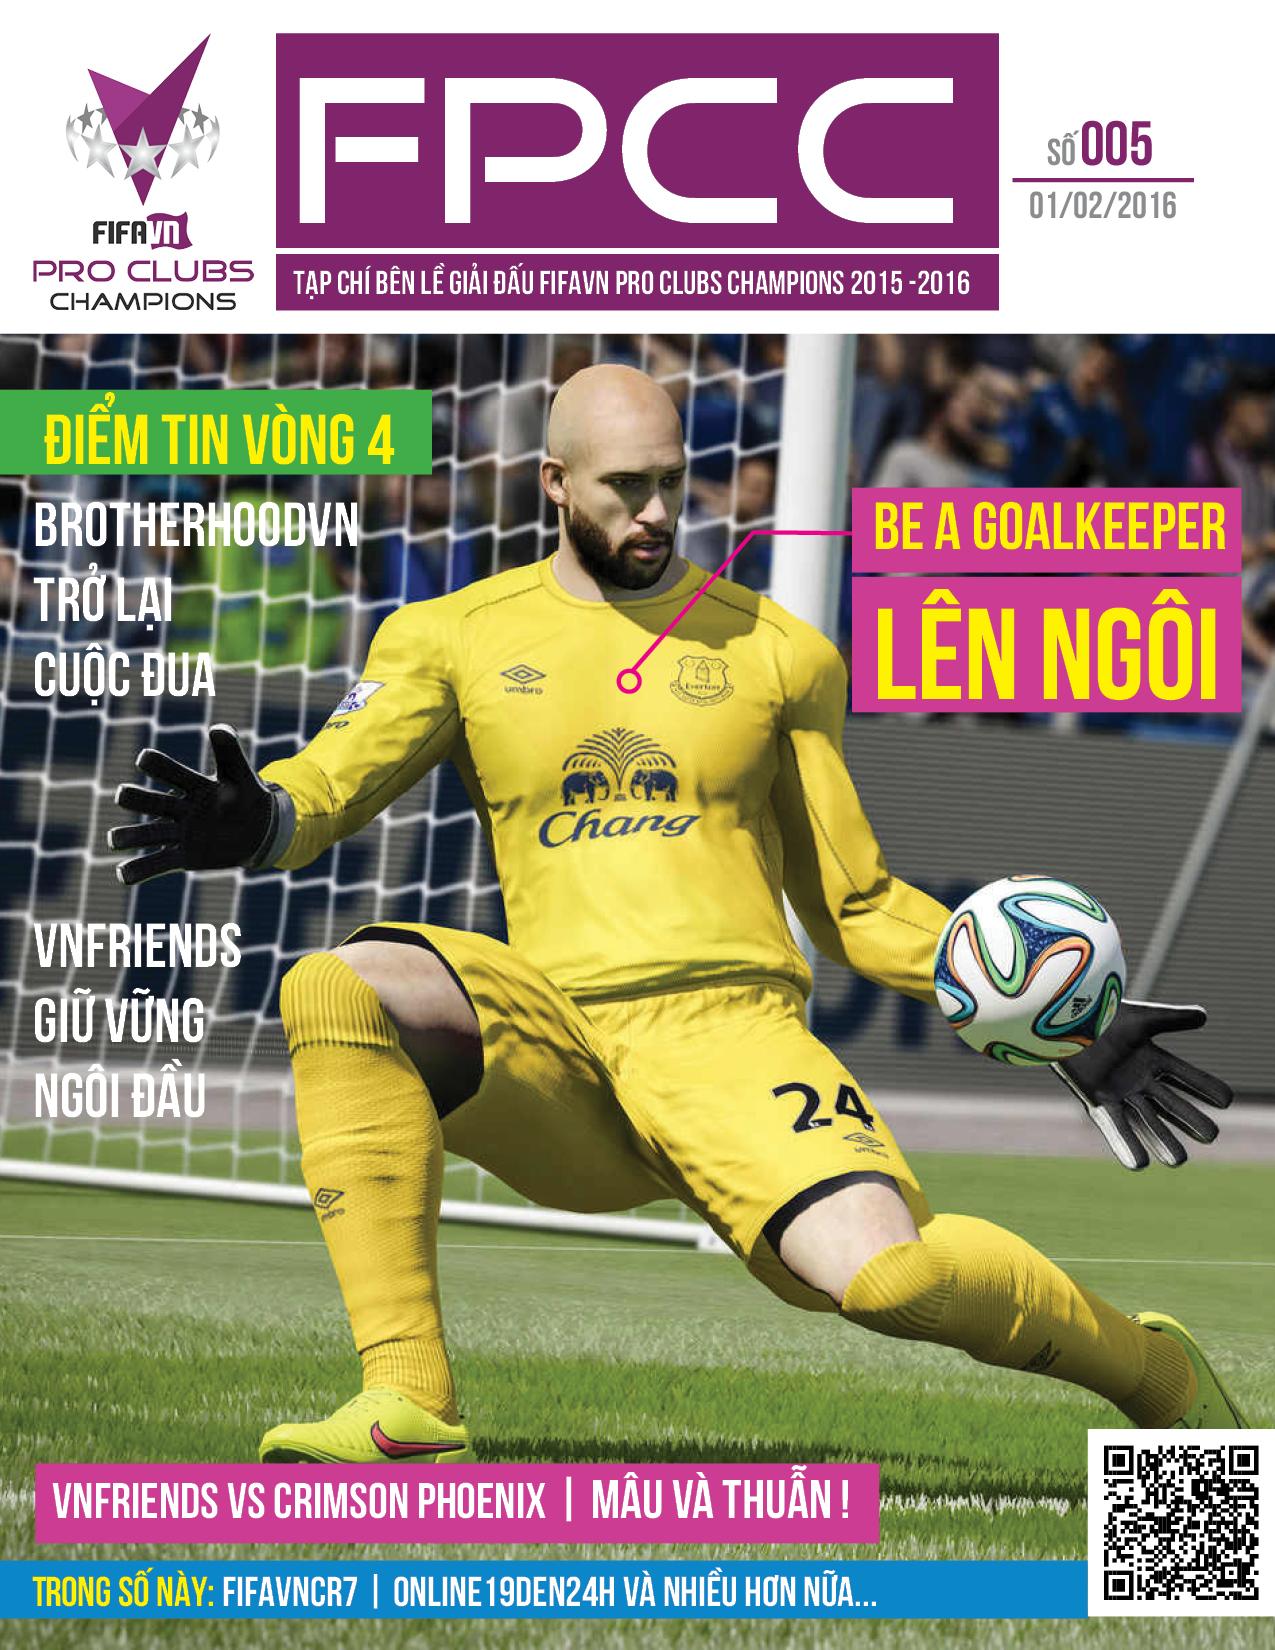 fpcc-weekly-05.jpg